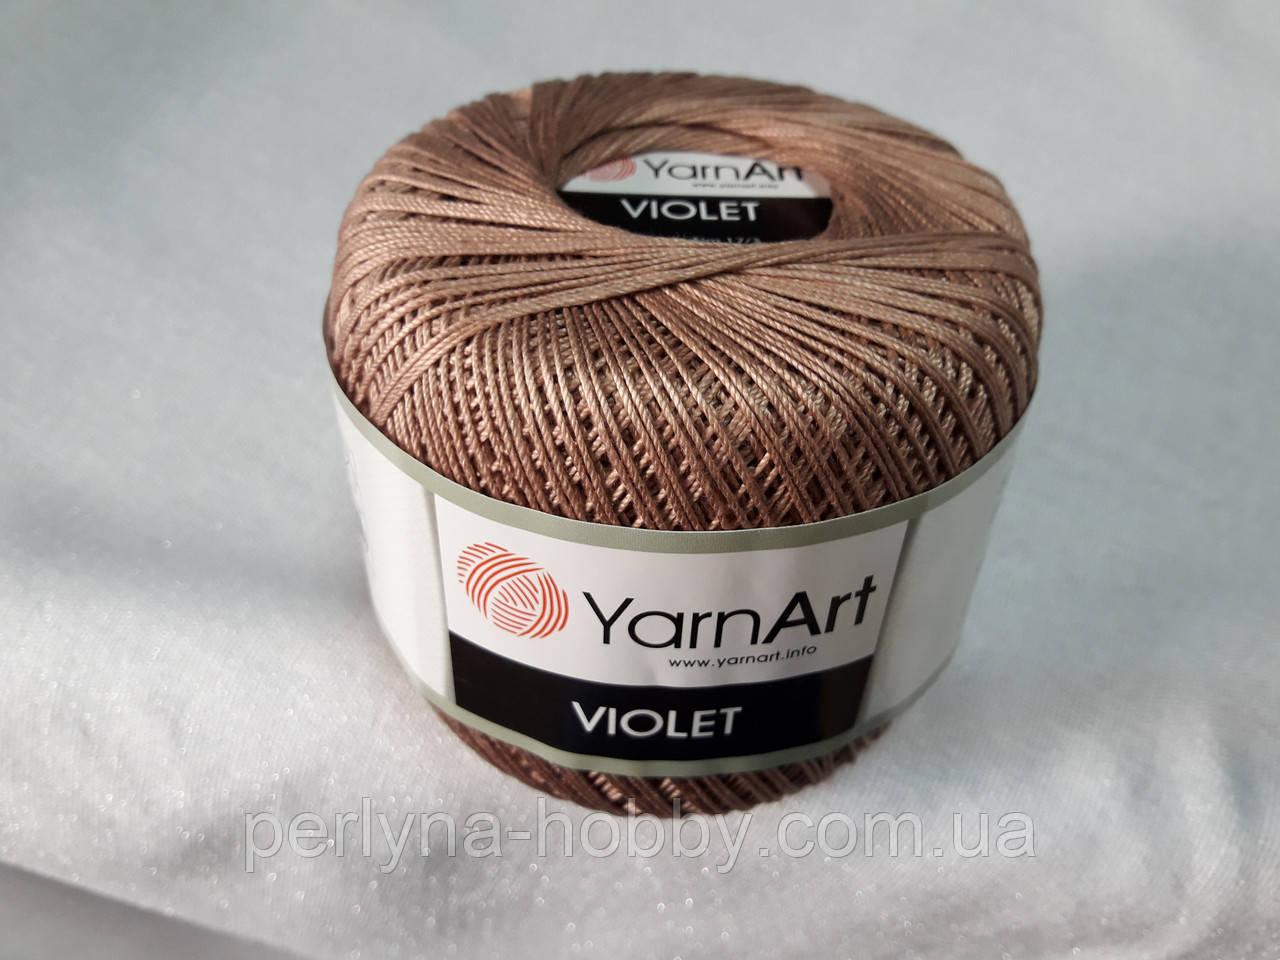 Пряжа Violet YarnArt 100% бавовна коричневий світлий № 0077